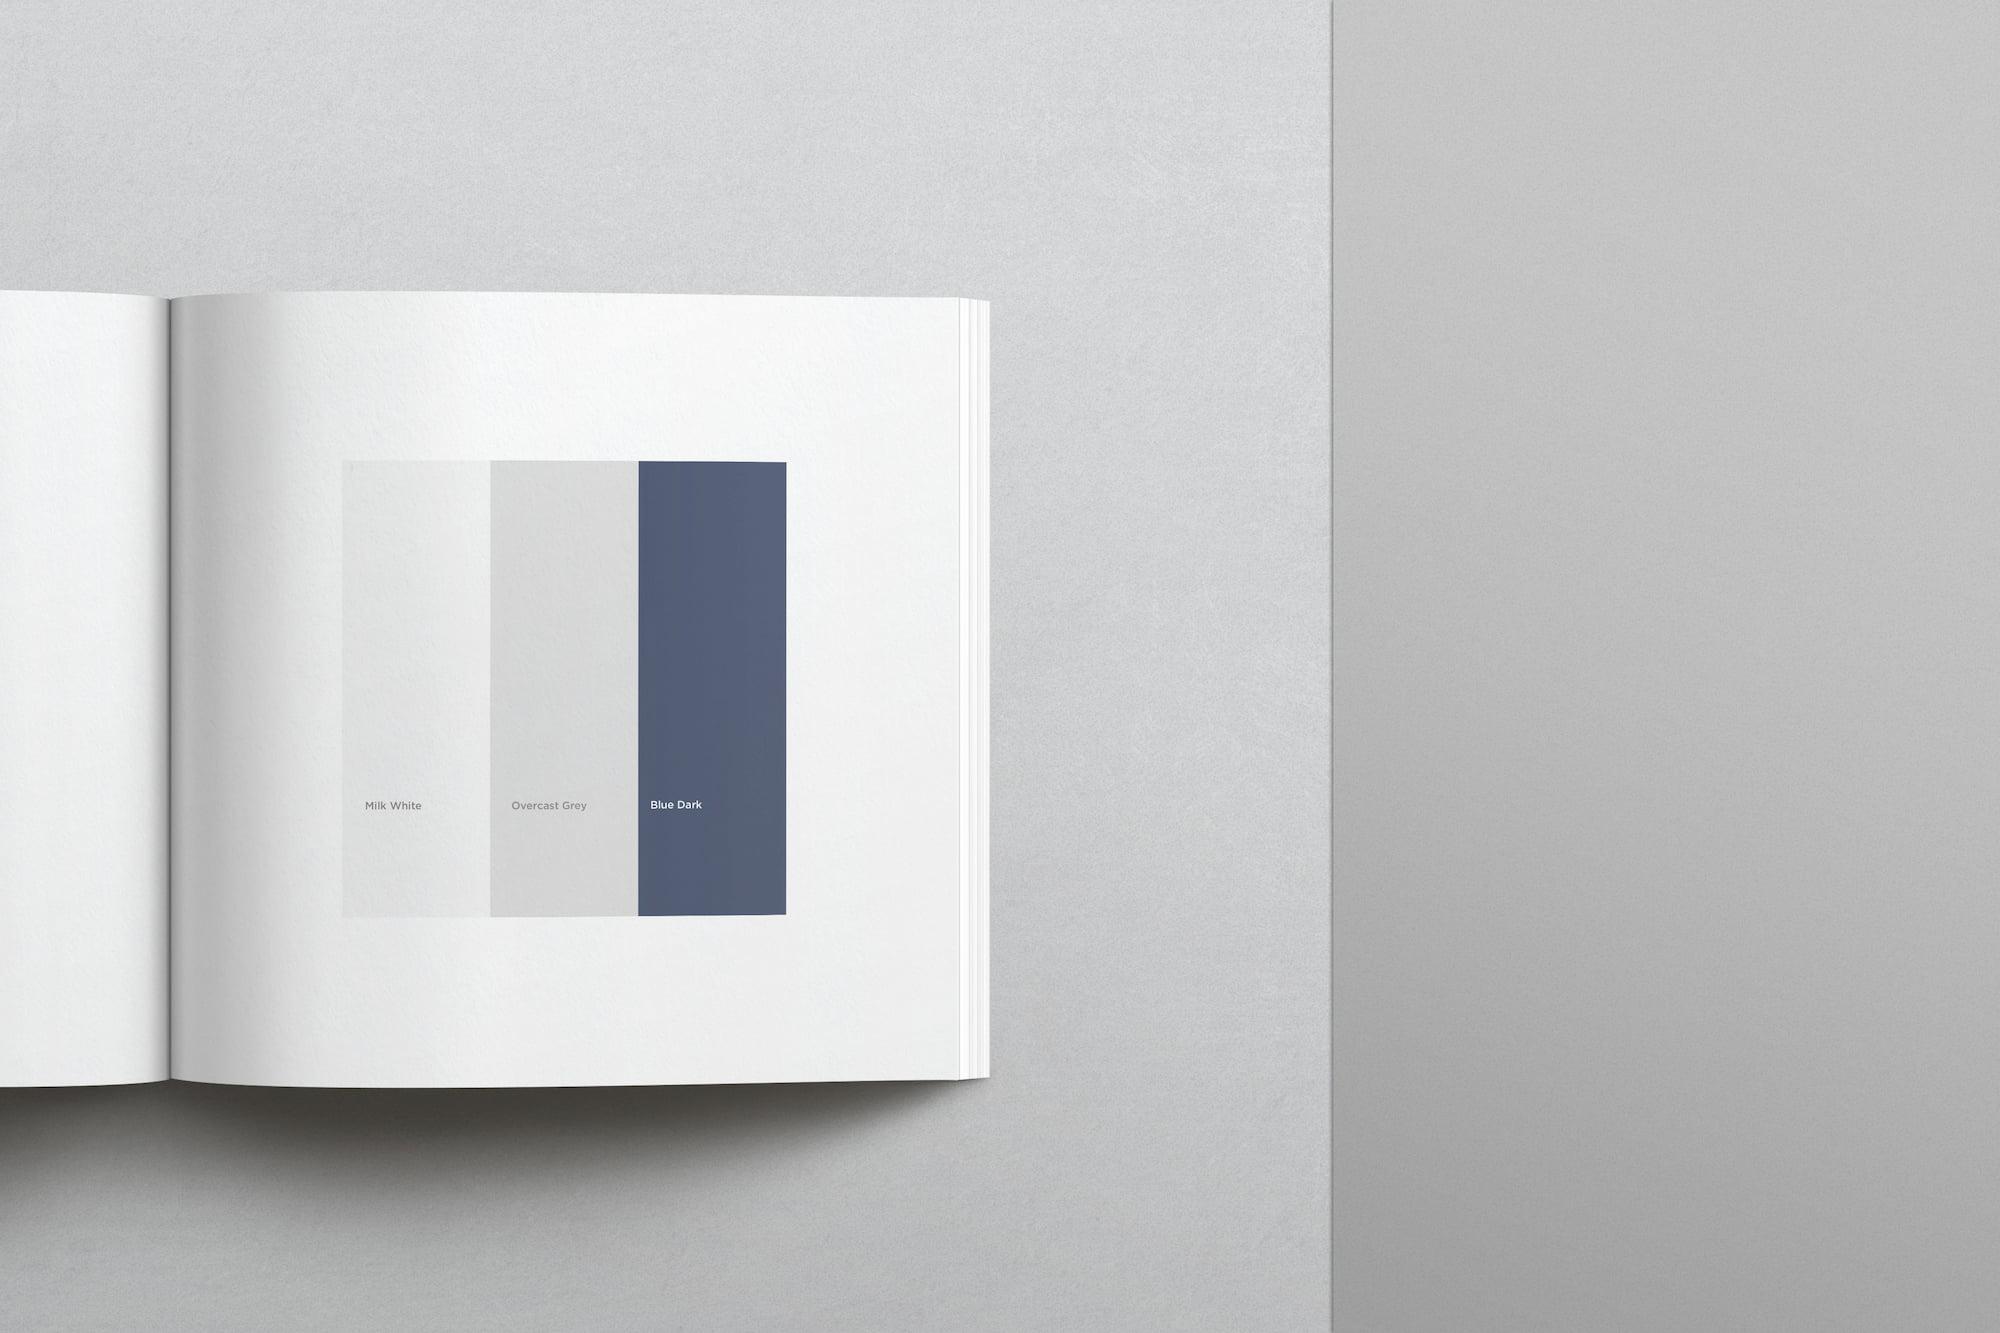 Estudio Diseño grafico Valencia_Sanahuja